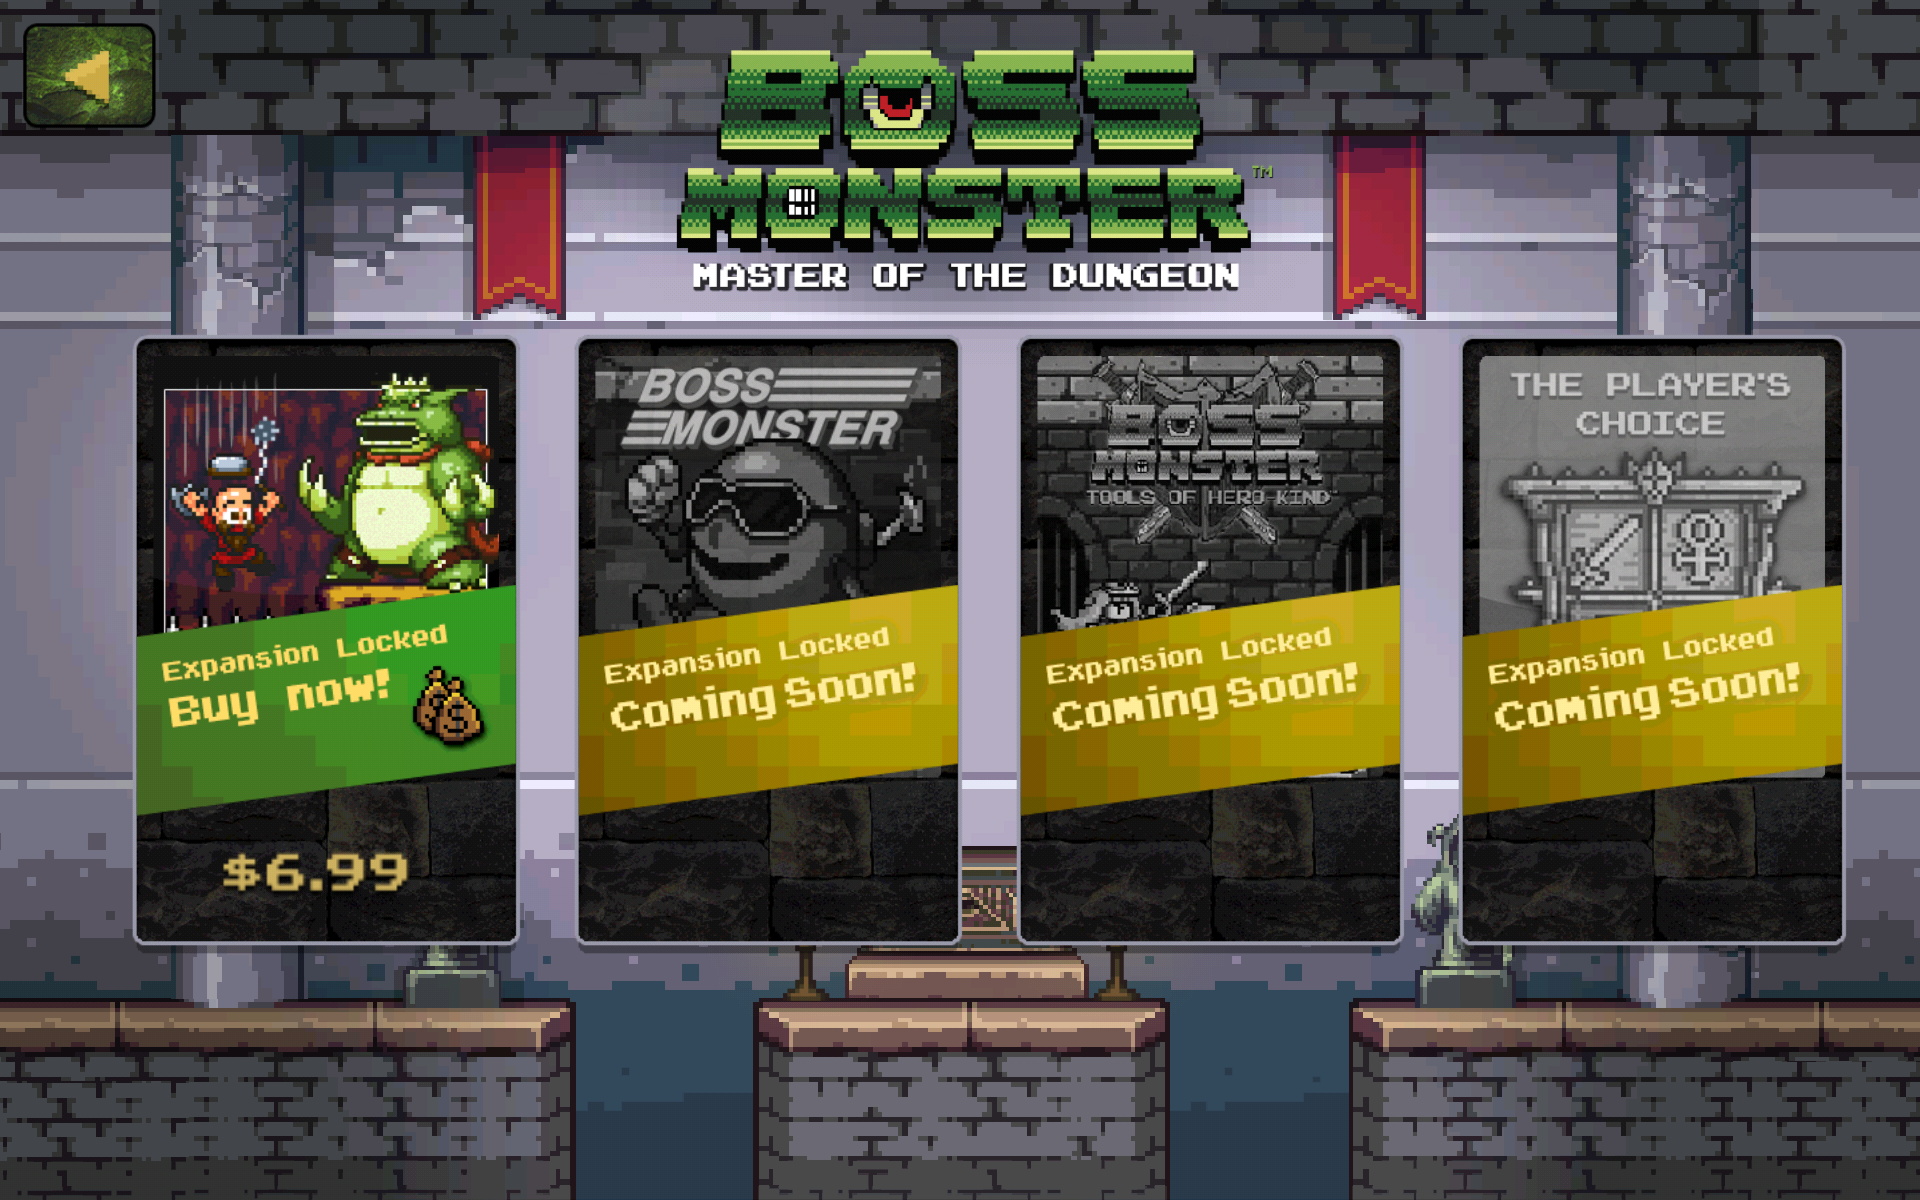 BossMonster9